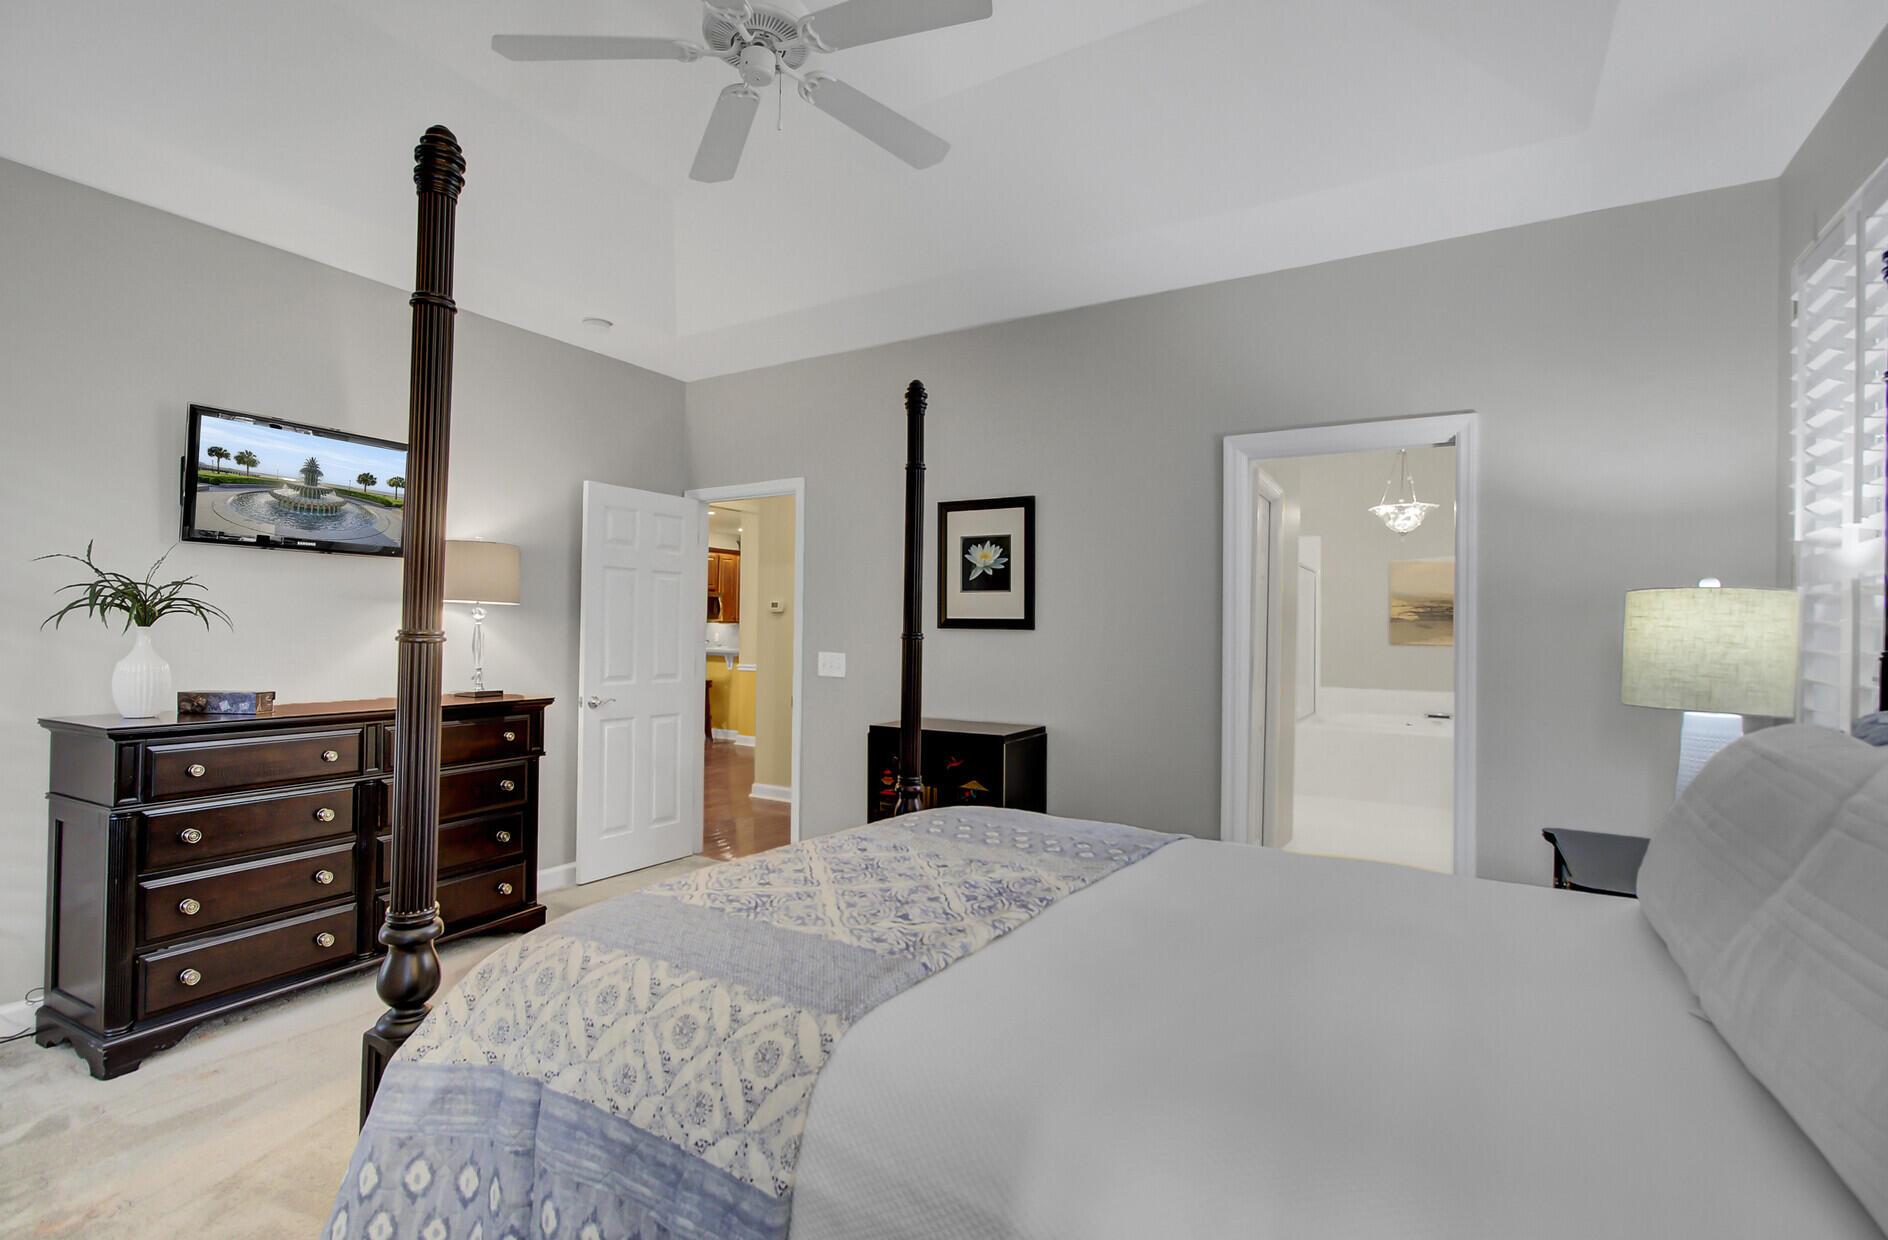 Dunes West Homes For Sale - 155 Fair Sailing, Mount Pleasant, SC - 11